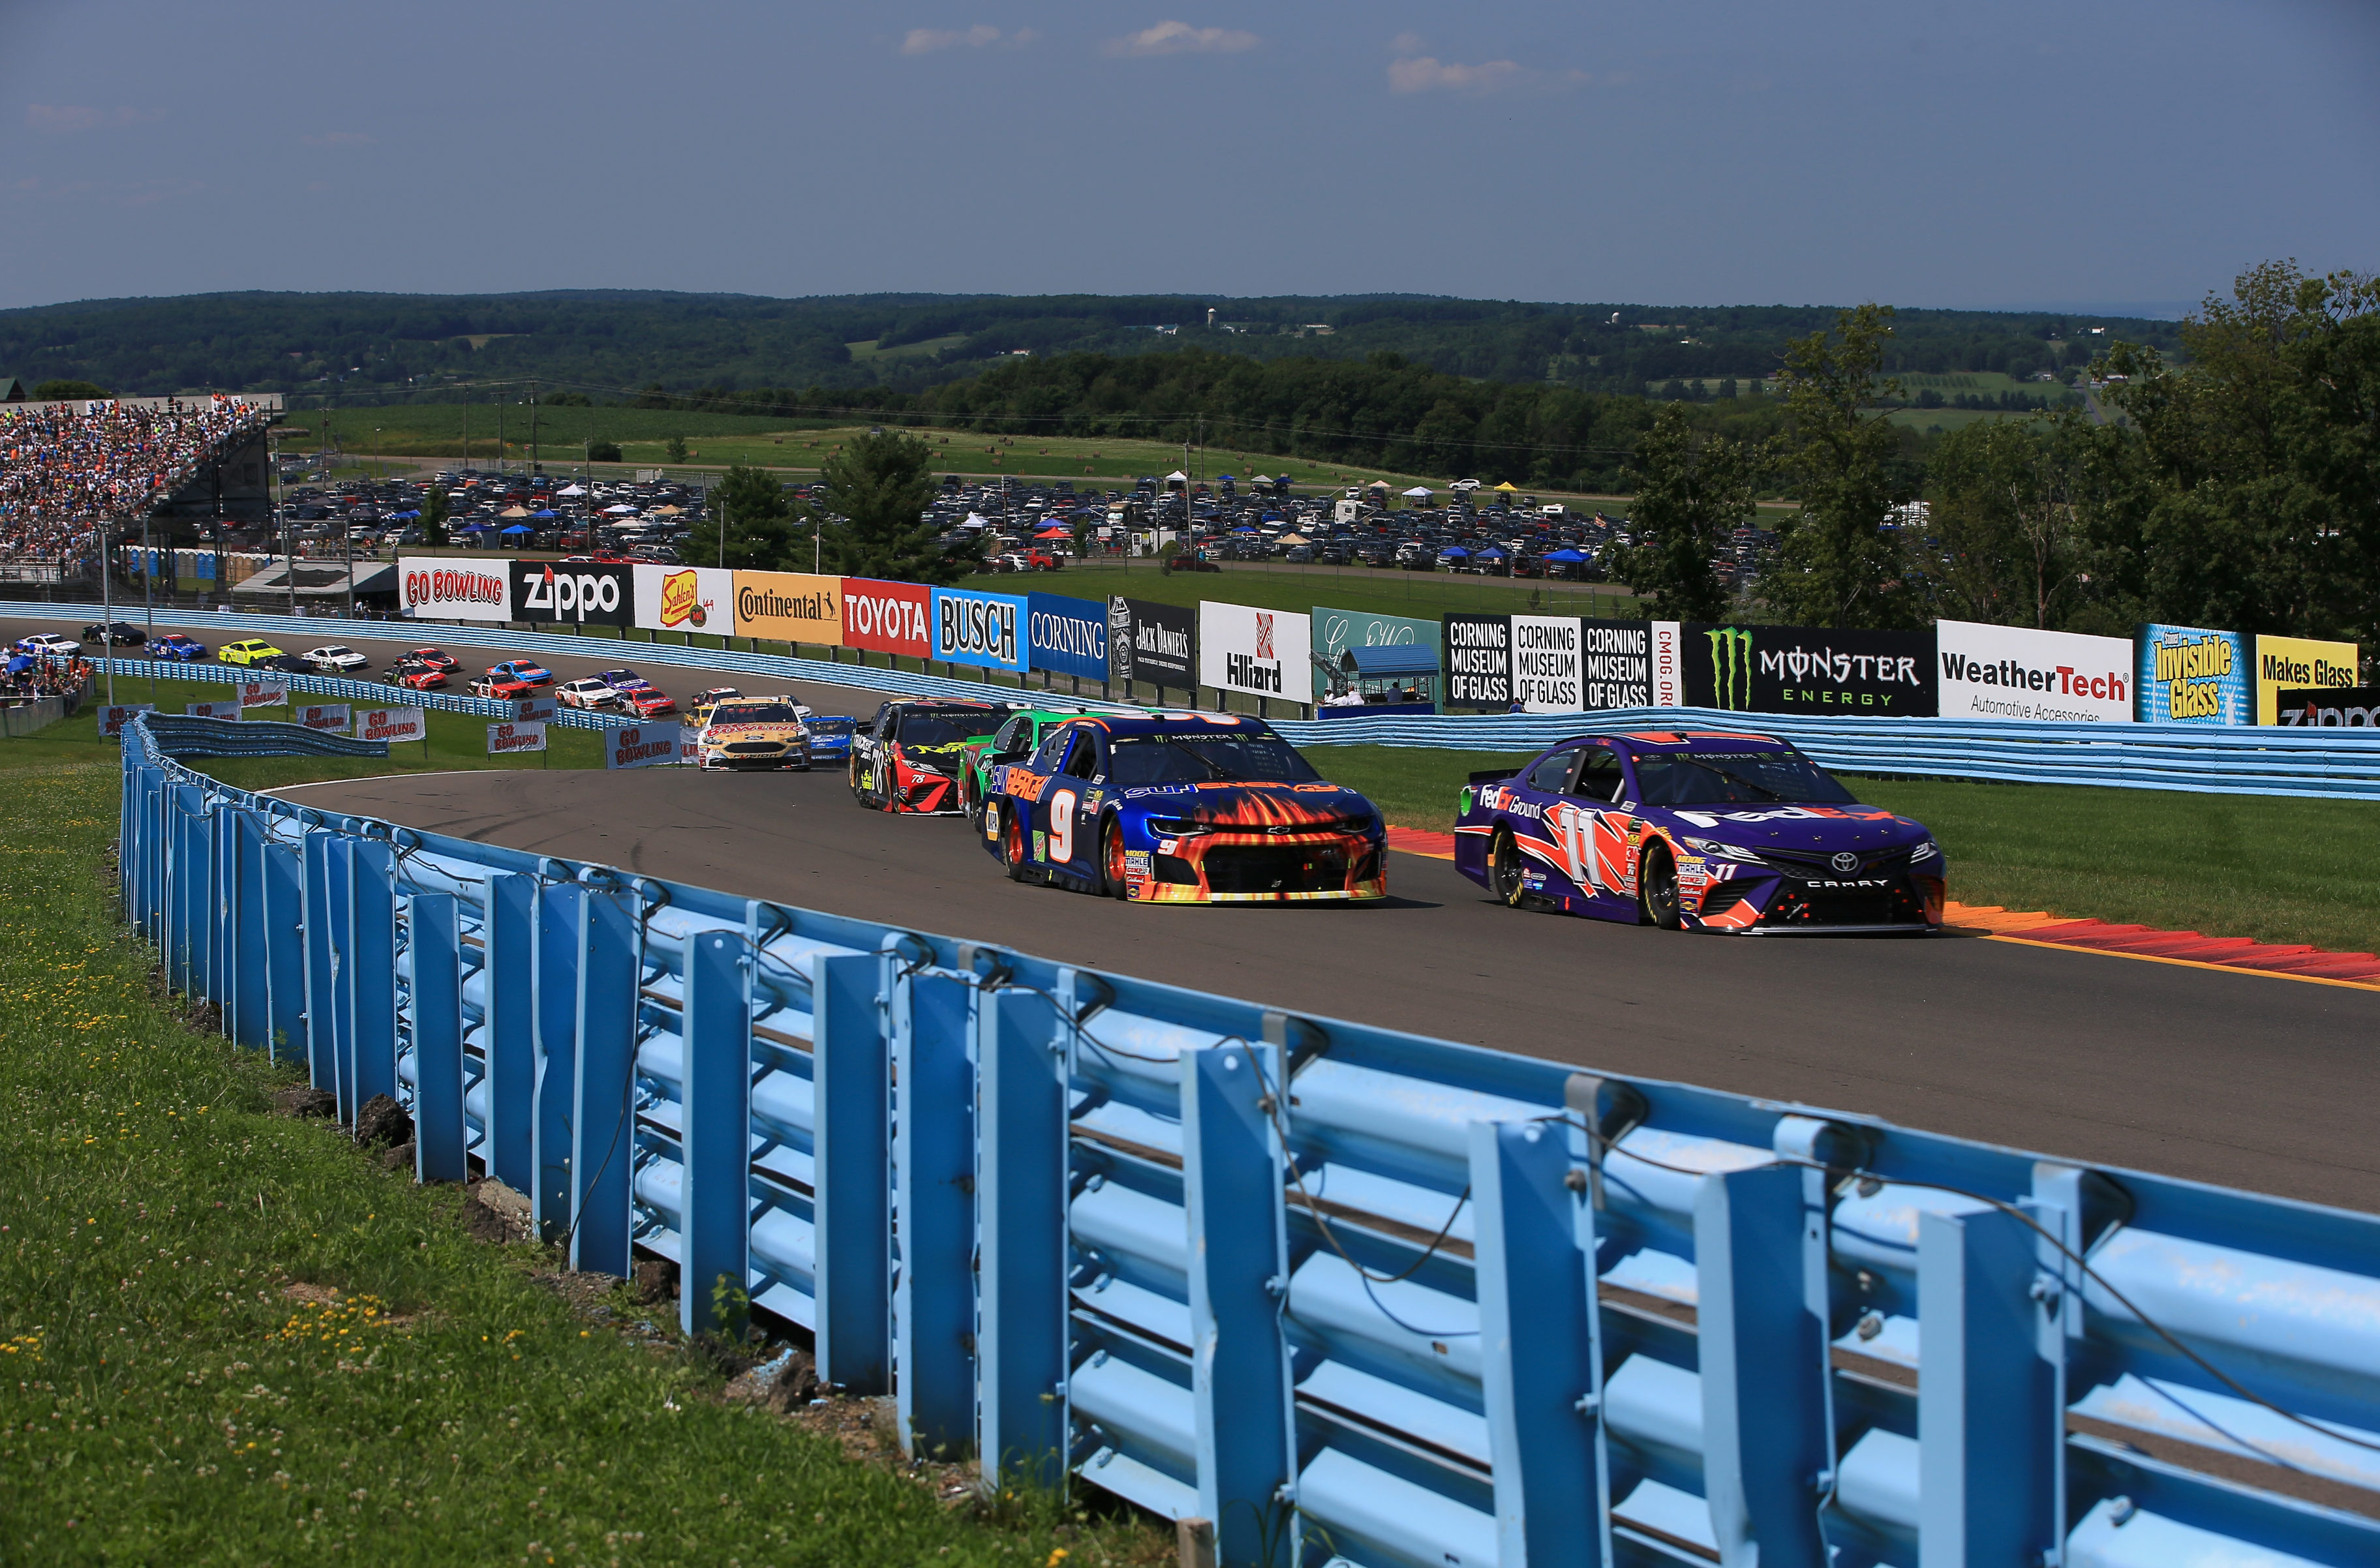 Watkins Glen Race Track >> Watkins Glen Race Results August 5 2018 Nascar Cup